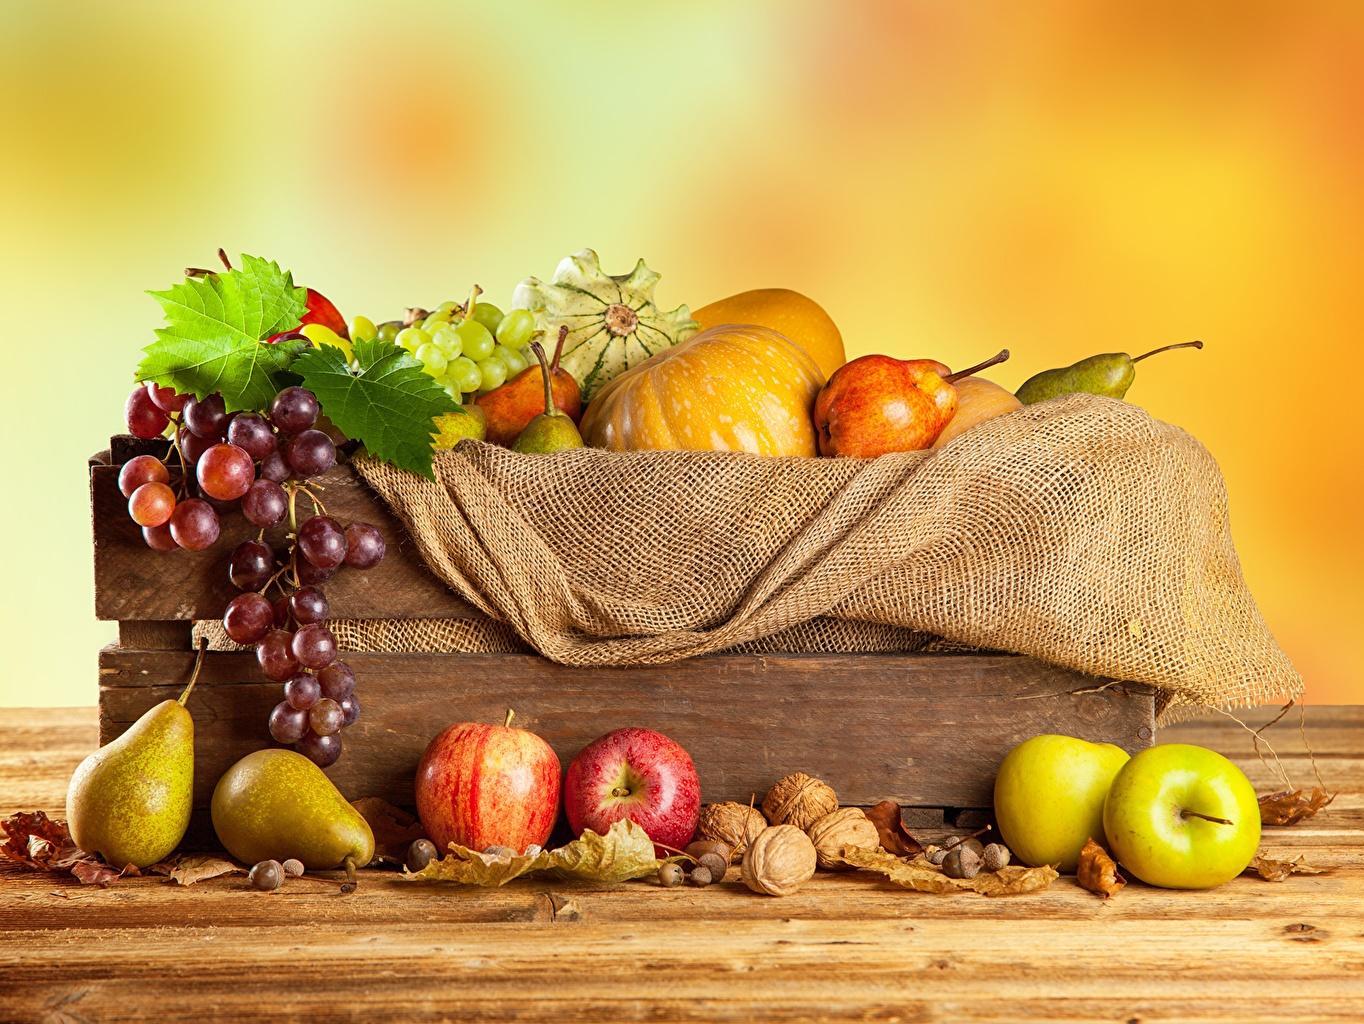 Обои для рабочего стола Тыква Груши Яблоки Виноград Овощи Фрукты Продукты питания Еда Пища